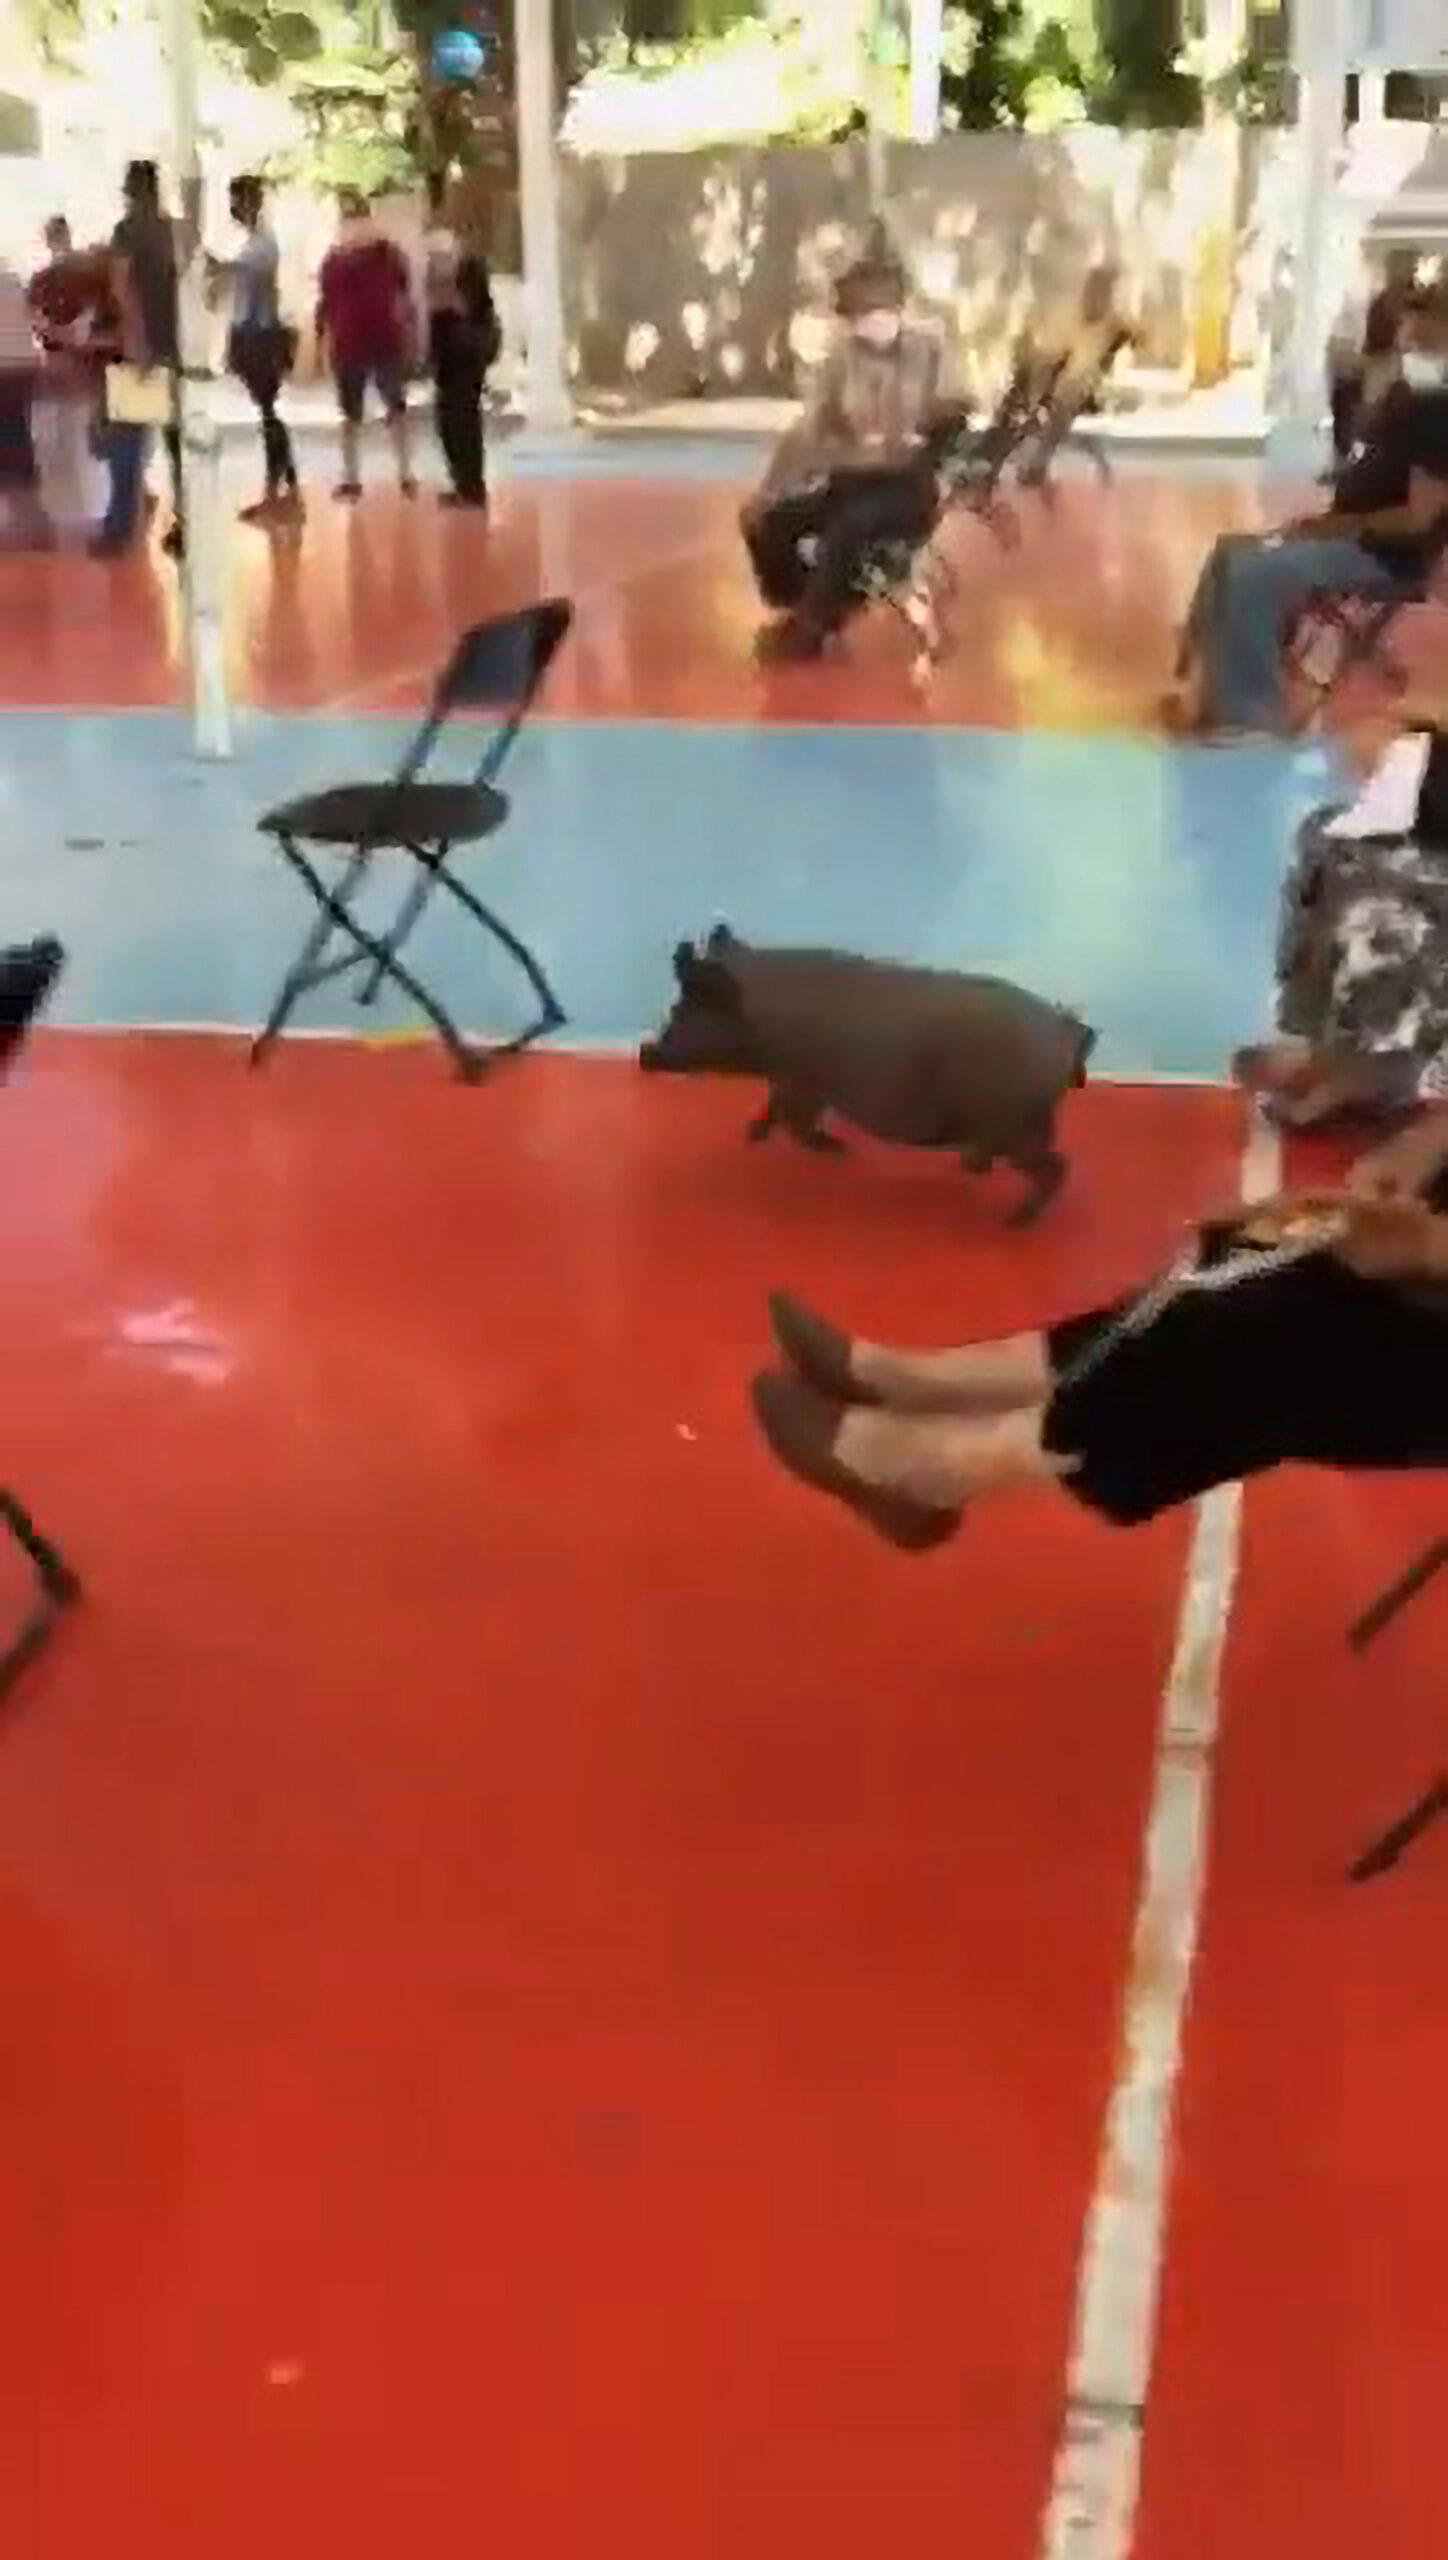 A pig runs past police officers. (CEN/SSPT Culiacan)